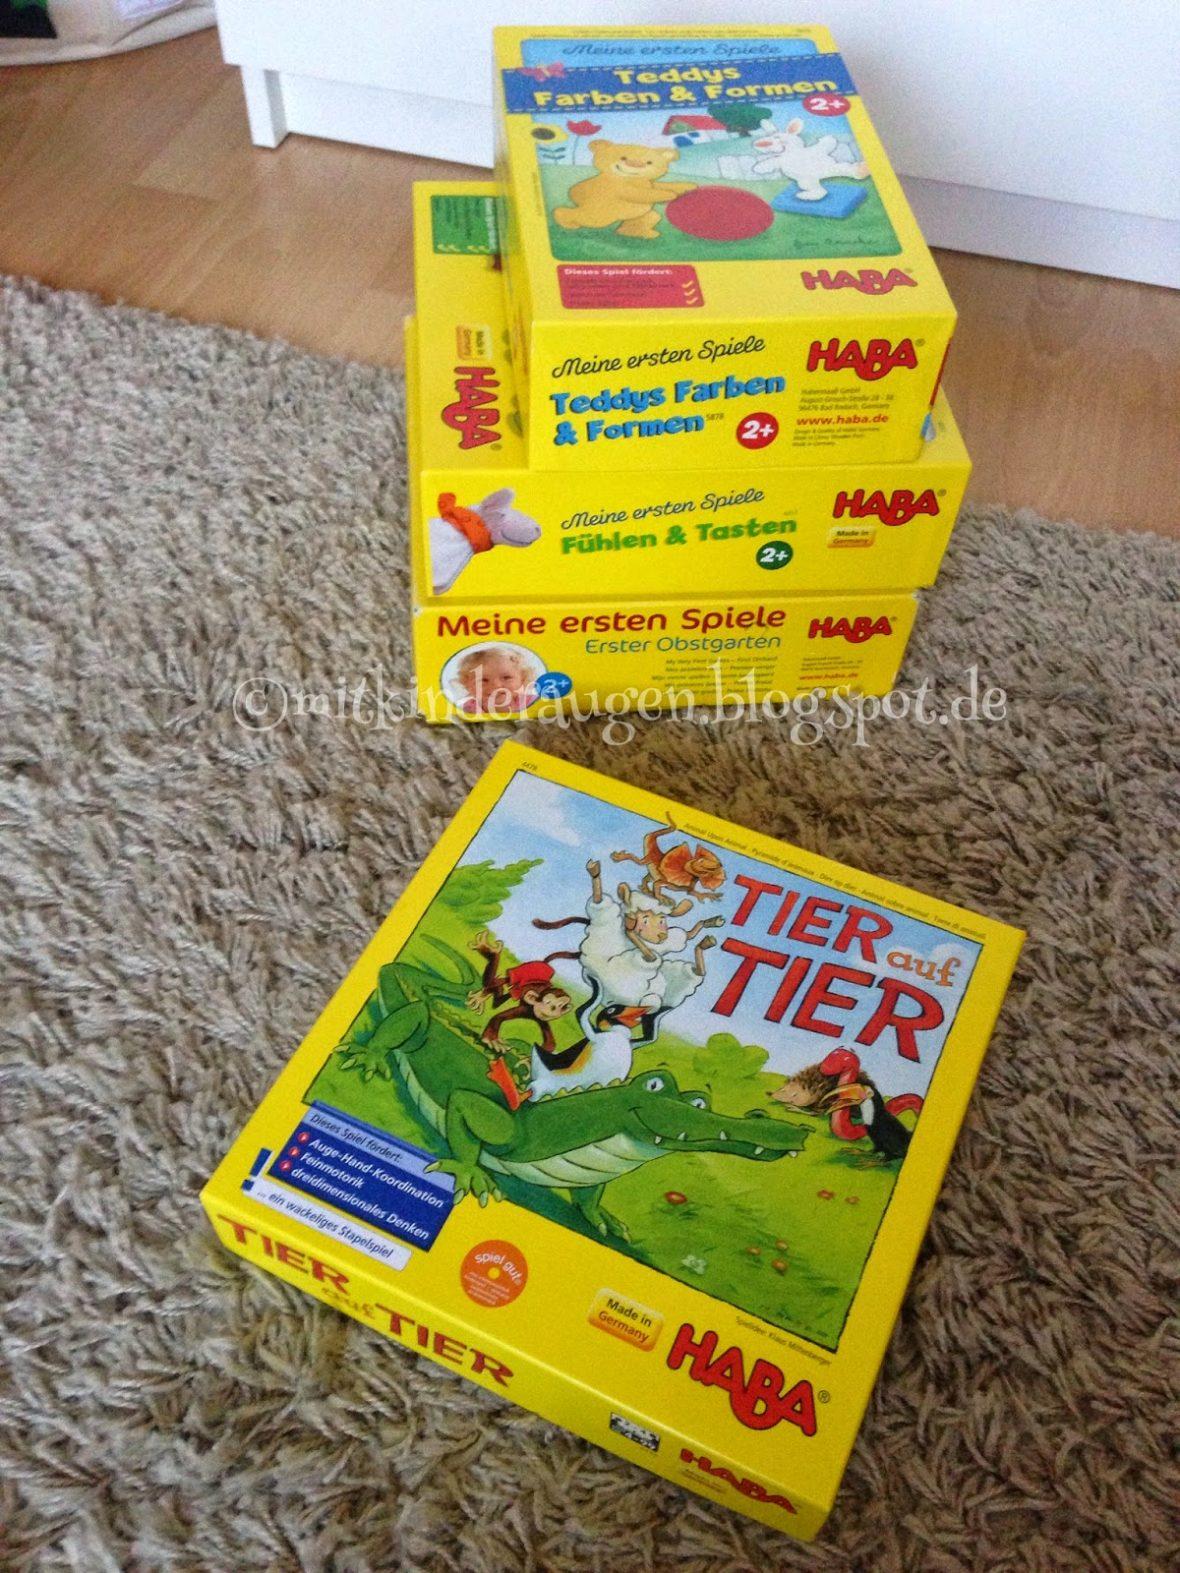 HABA Tier auf Tier Stapelspiel Geschicklichkeitsspiel Kinderspiel Kinder Spiele